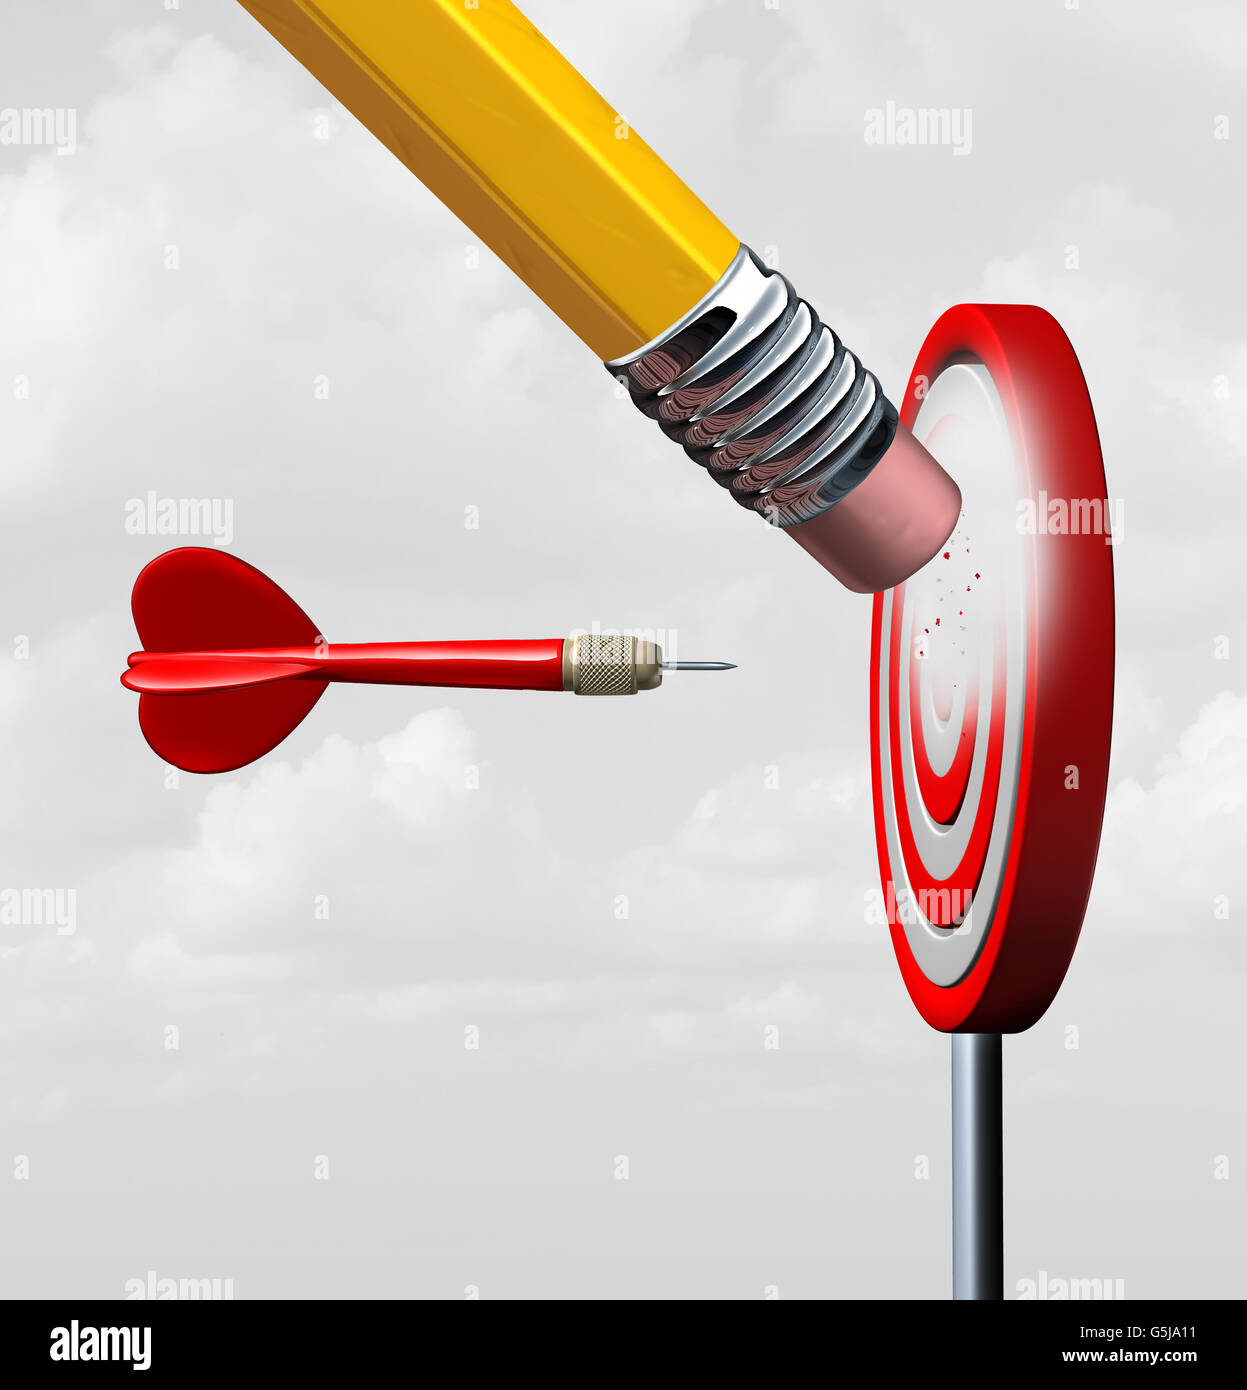 Pérdida del mercado empresarial y perder el foco con el cambio en la industria como un dardo rojo hacia una Imagen De Stock